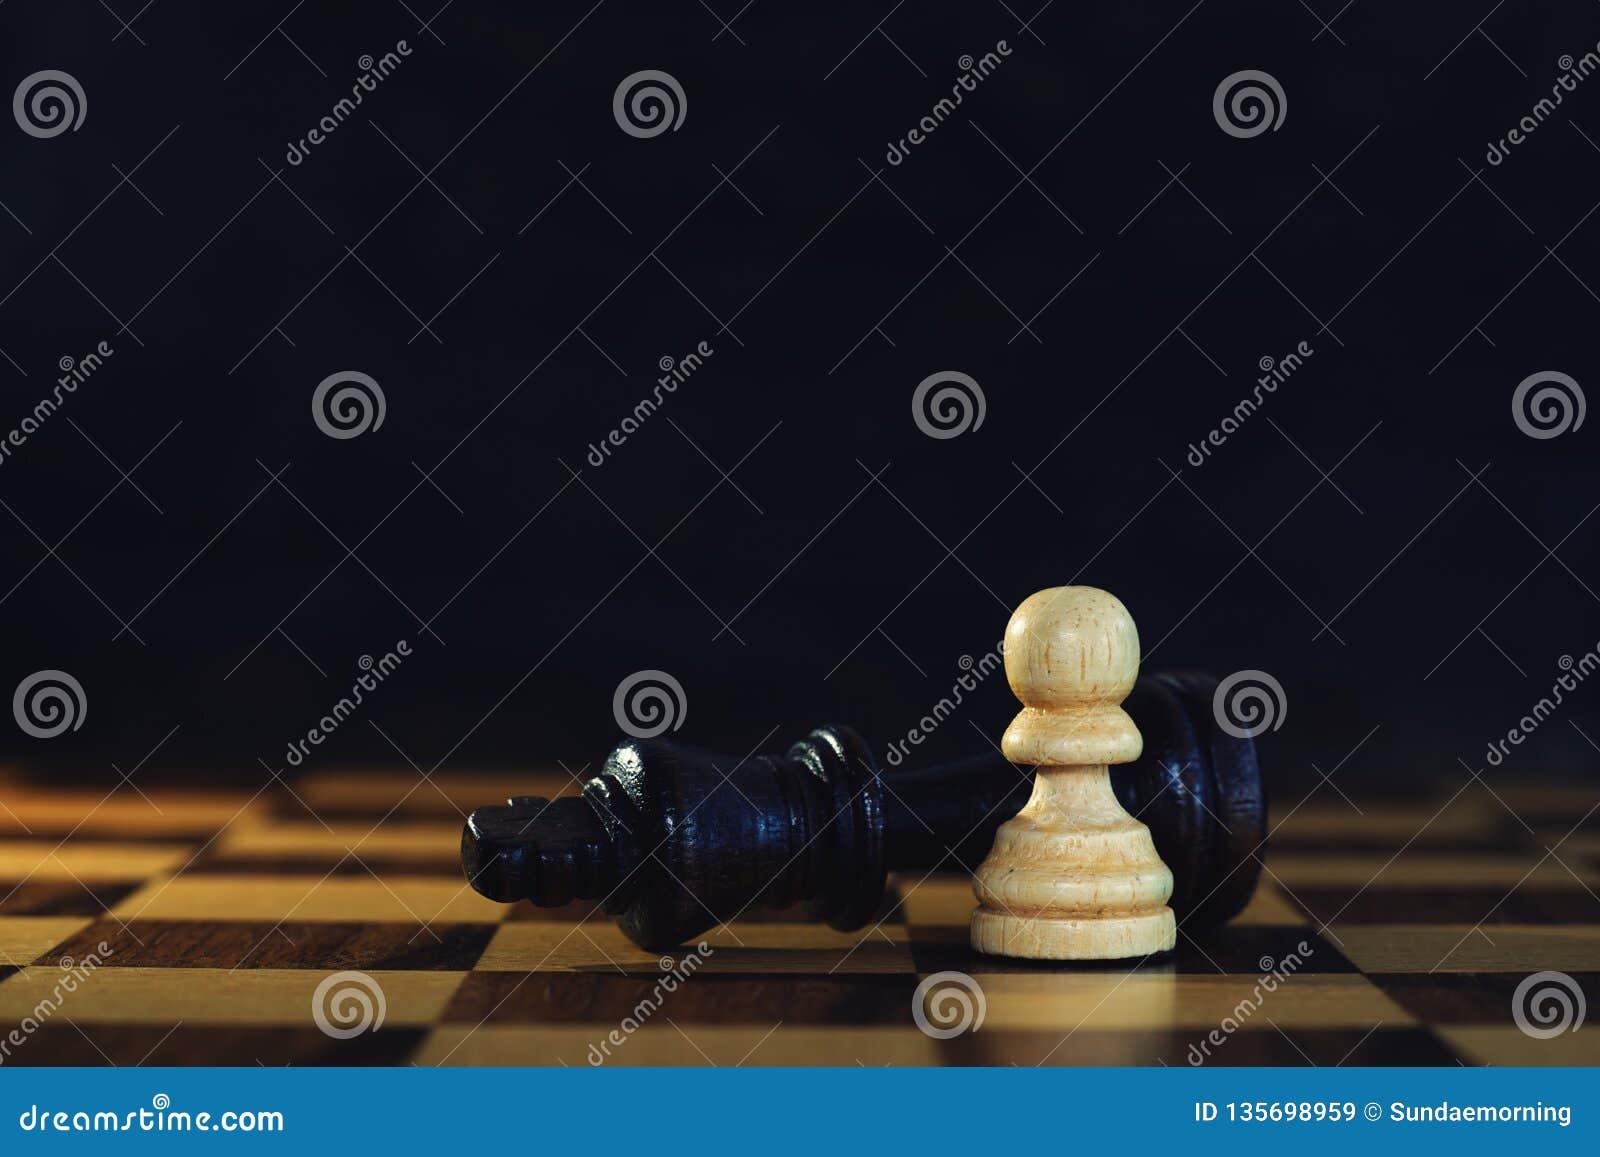 Incontri di re contro il pegno potente nel gioco di scacchi, concetto competitivo di affari